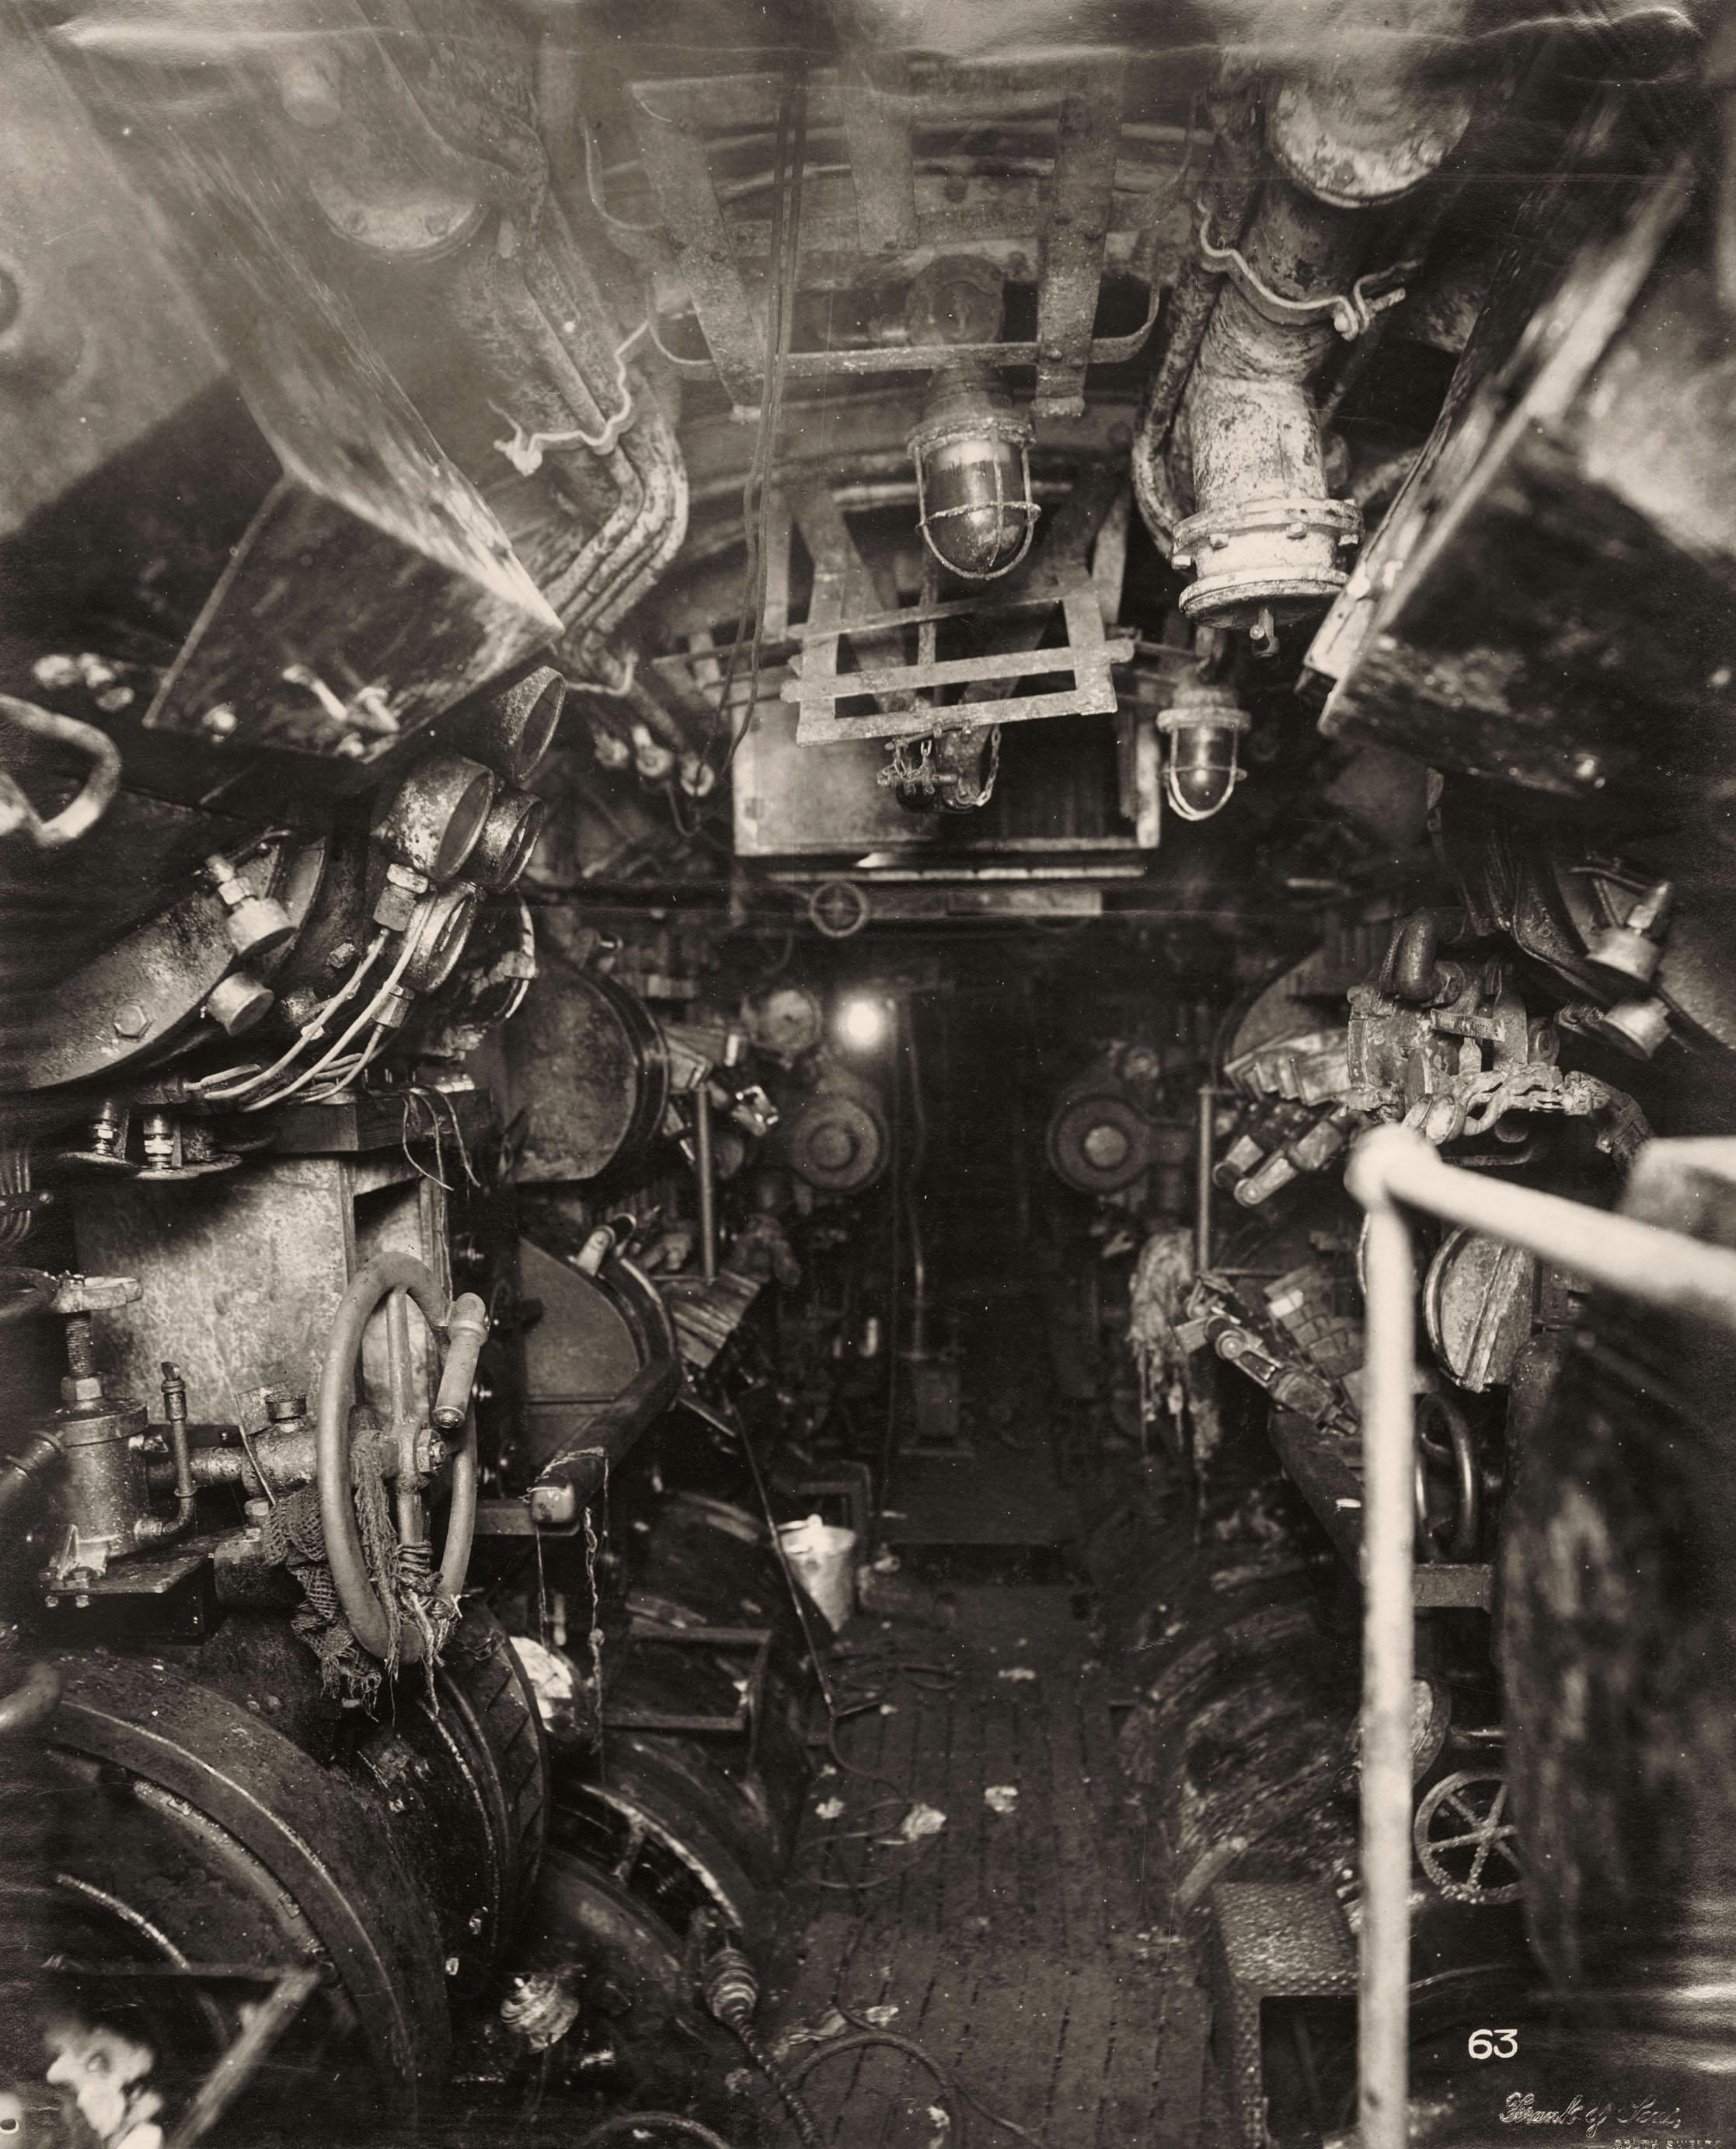 uboat interieur controles sousmarin 02 la boite verte